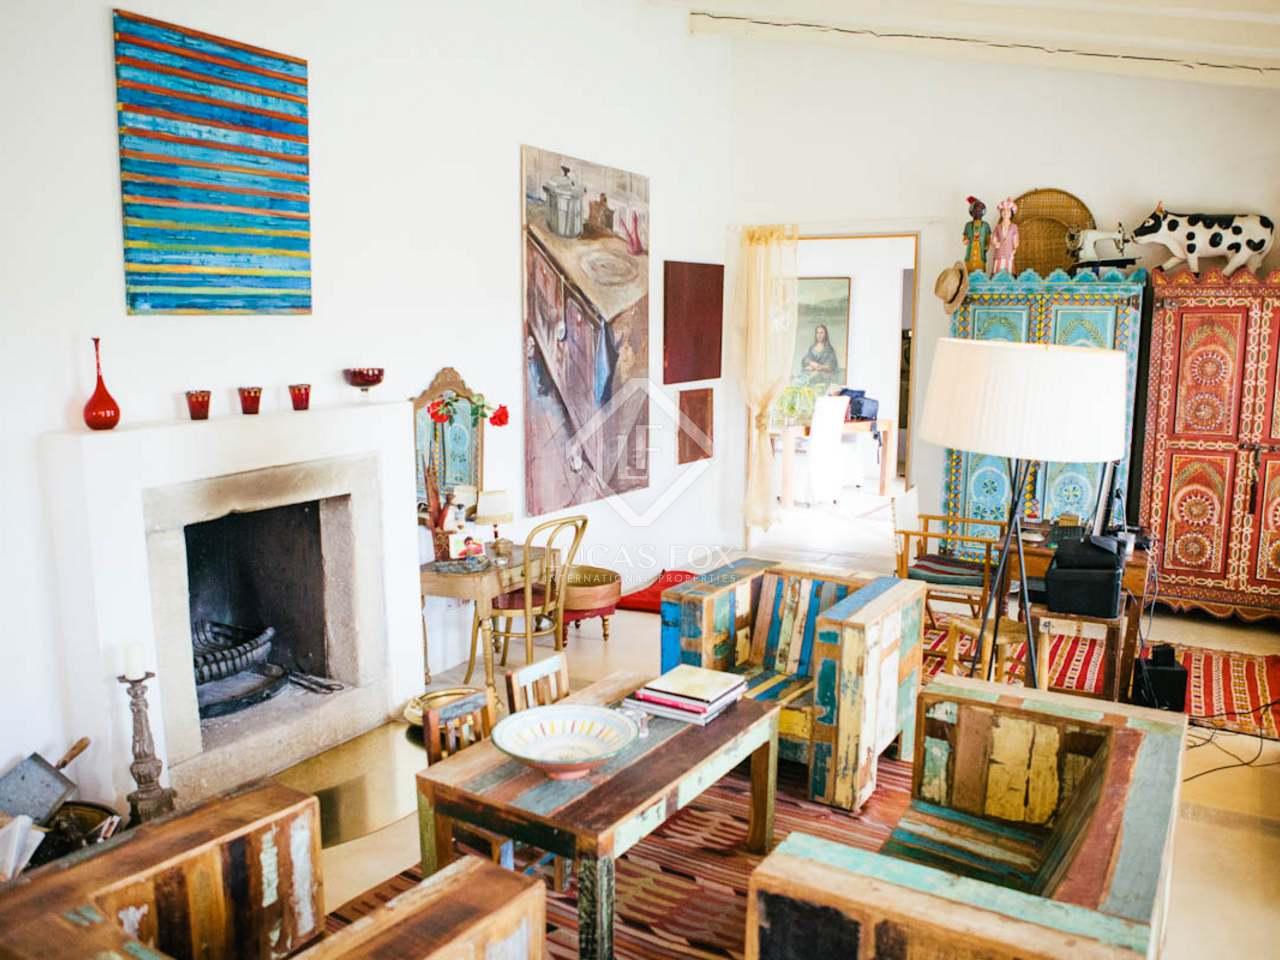 maison de campagne en vente art au nord est de majorque. Black Bedroom Furniture Sets. Home Design Ideas